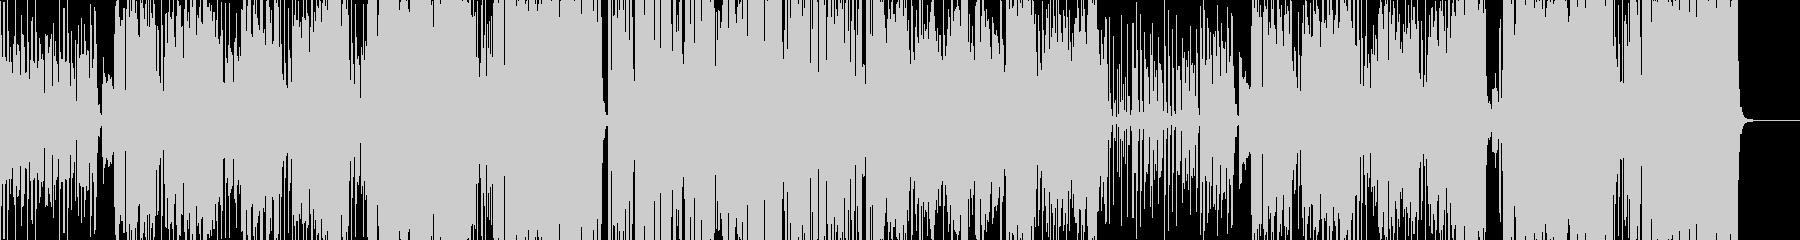 南国の陽気なボサノバ(コーラス入り)の未再生の波形